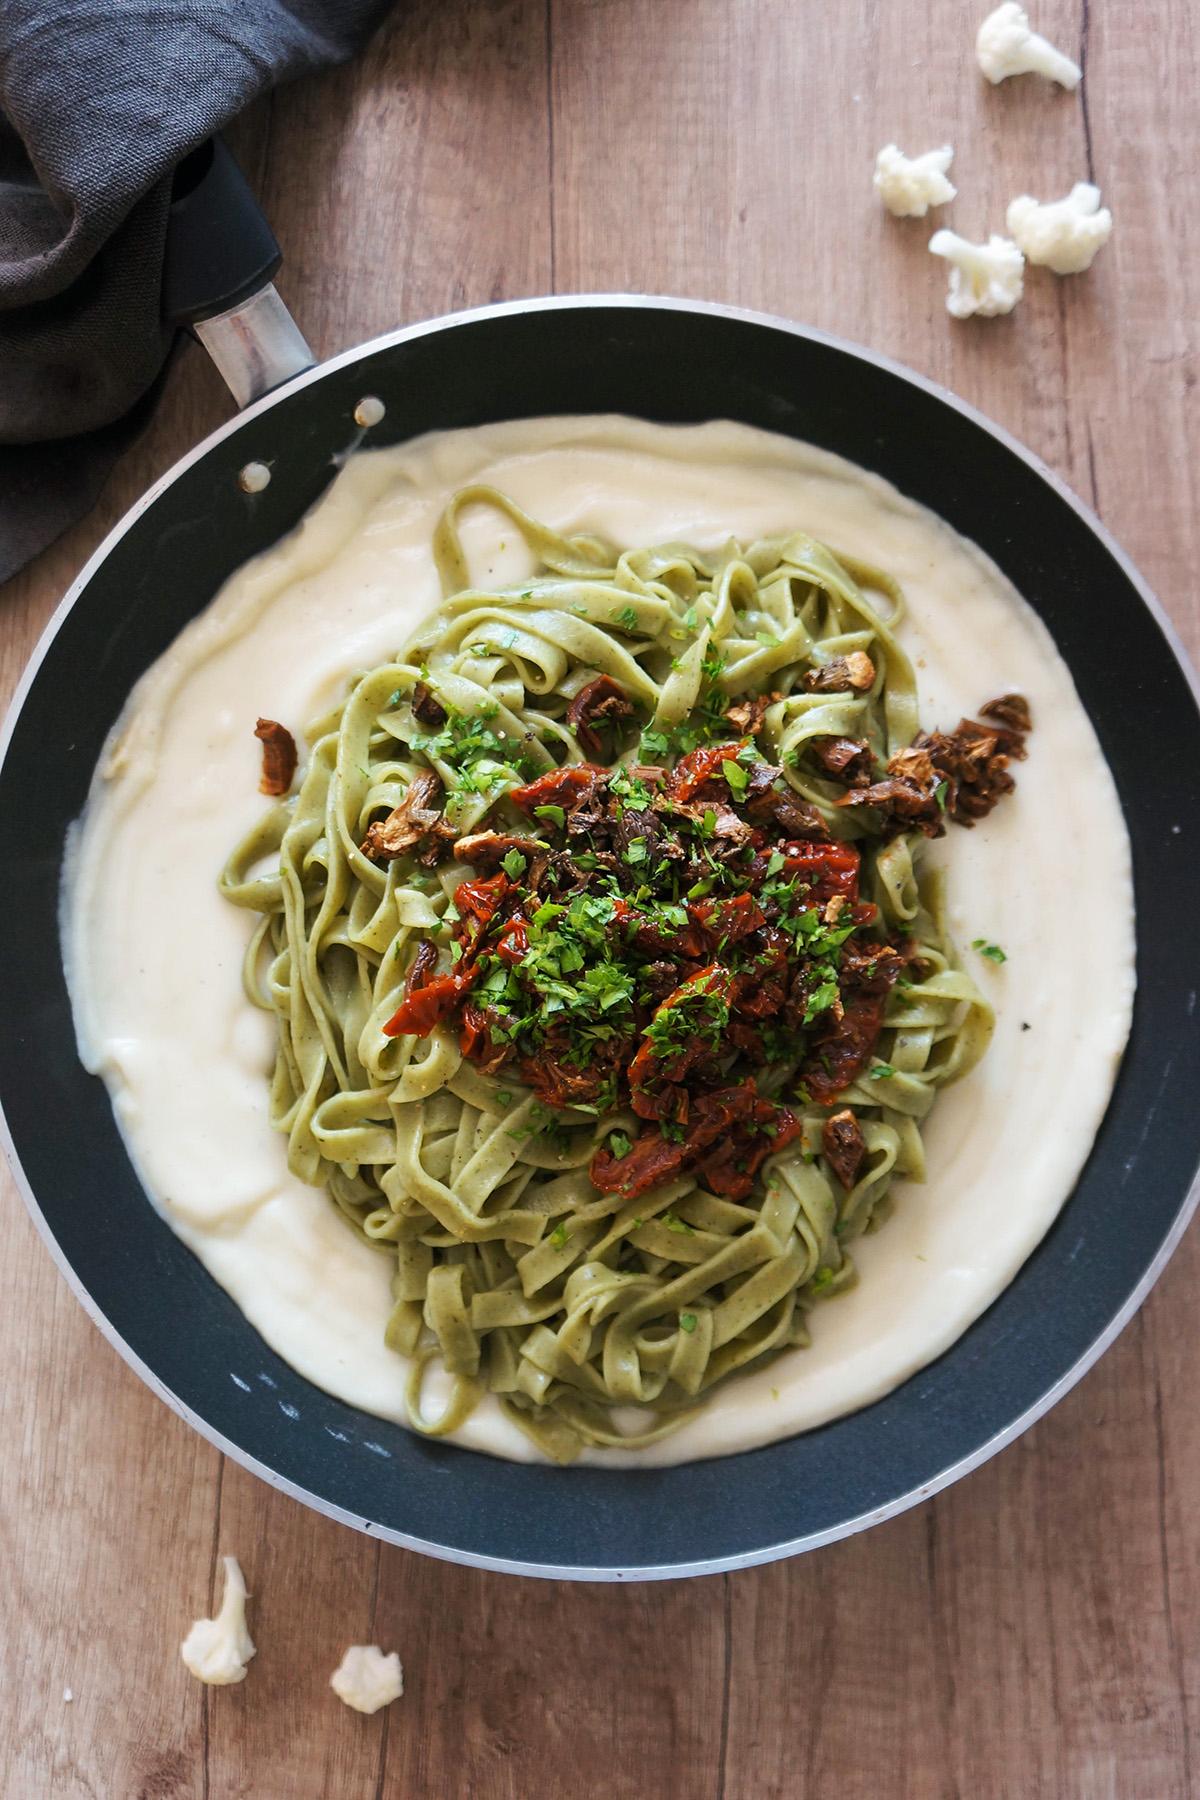 Špinačni rezanci s cvetačno omako, gobami in sušenimi paradižniki